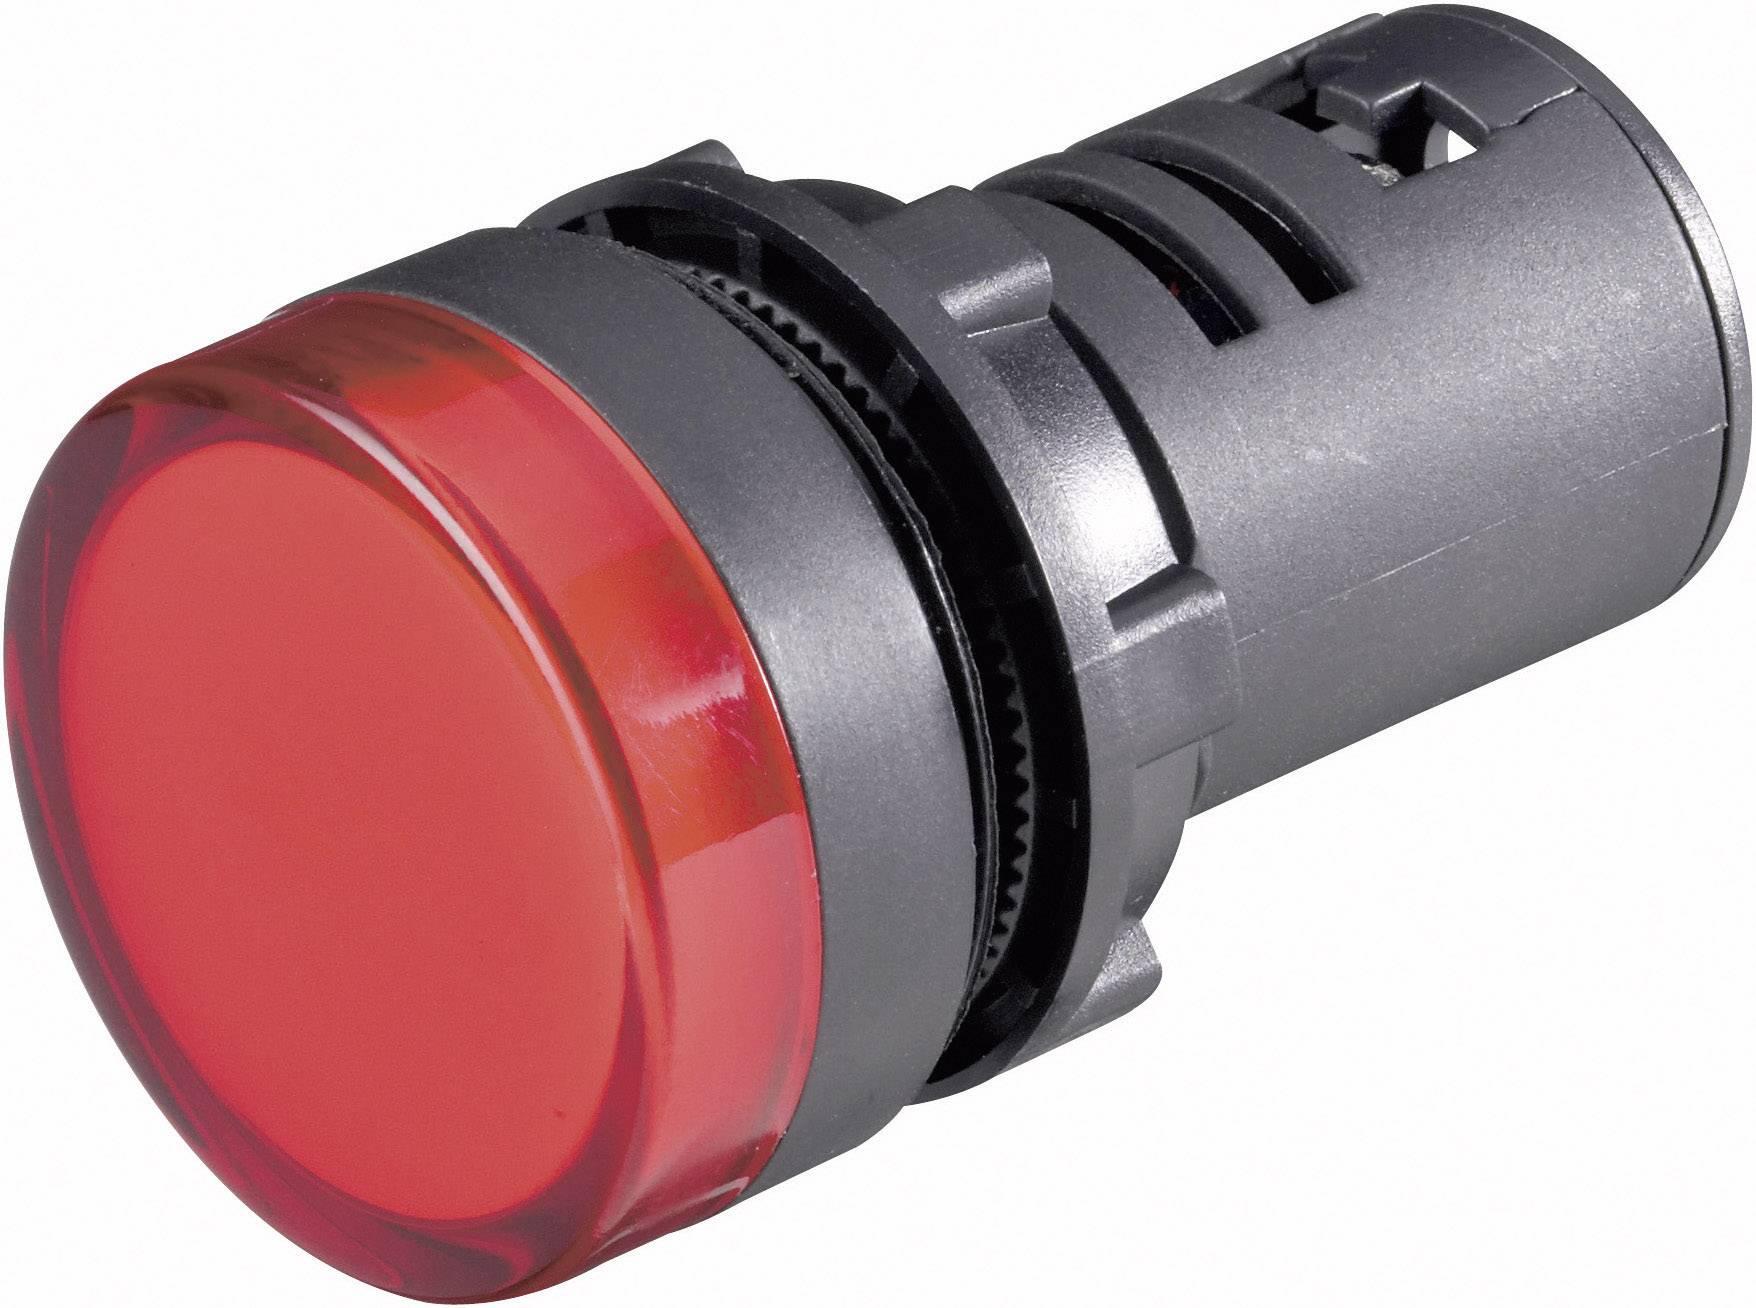 Blikající LED signálka, 22 mm, GB RN-1215S/P